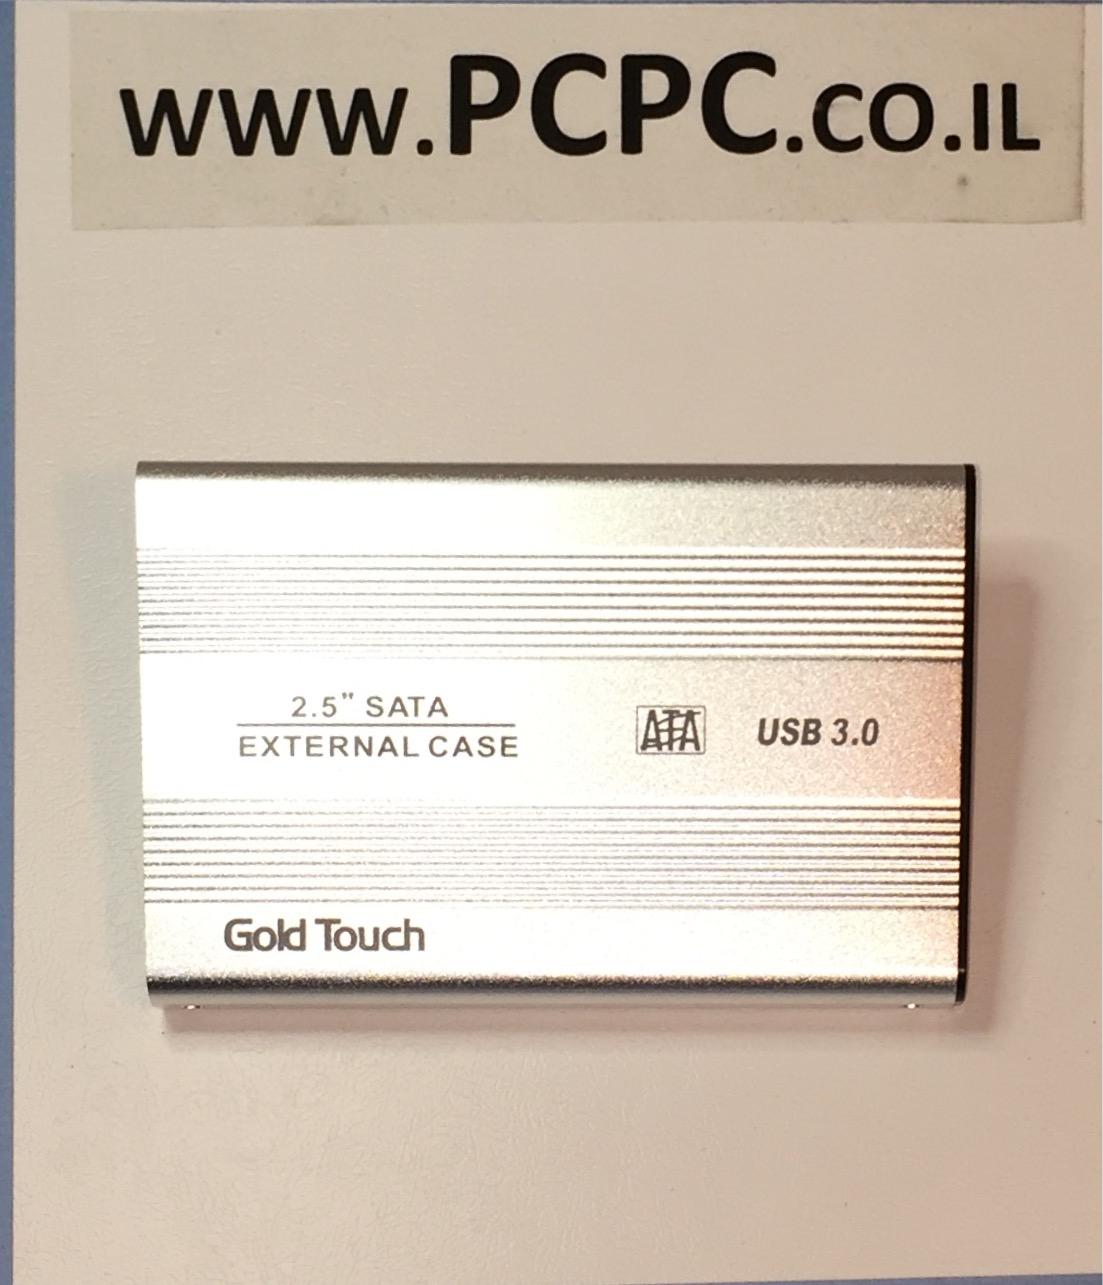 מארז 2.5 אינטש ל   hard disk SATA USB 3